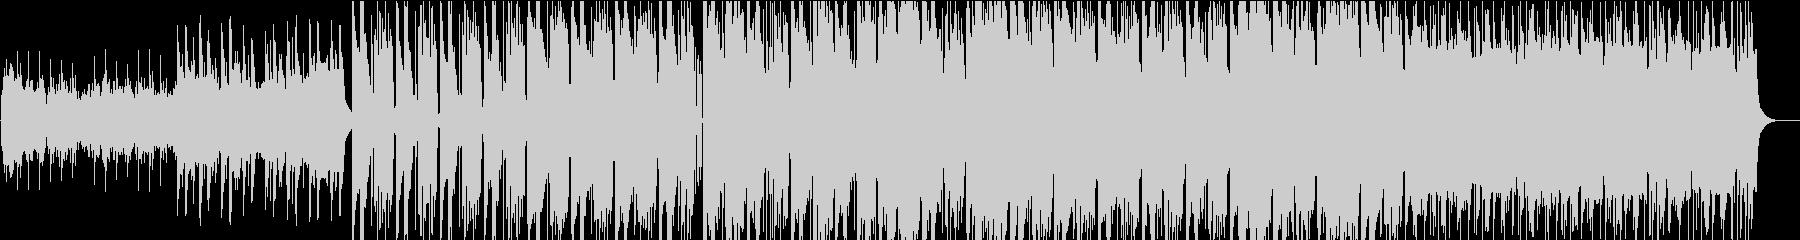 空撮映像などに合う重厚でクールなBGMの未再生の波形